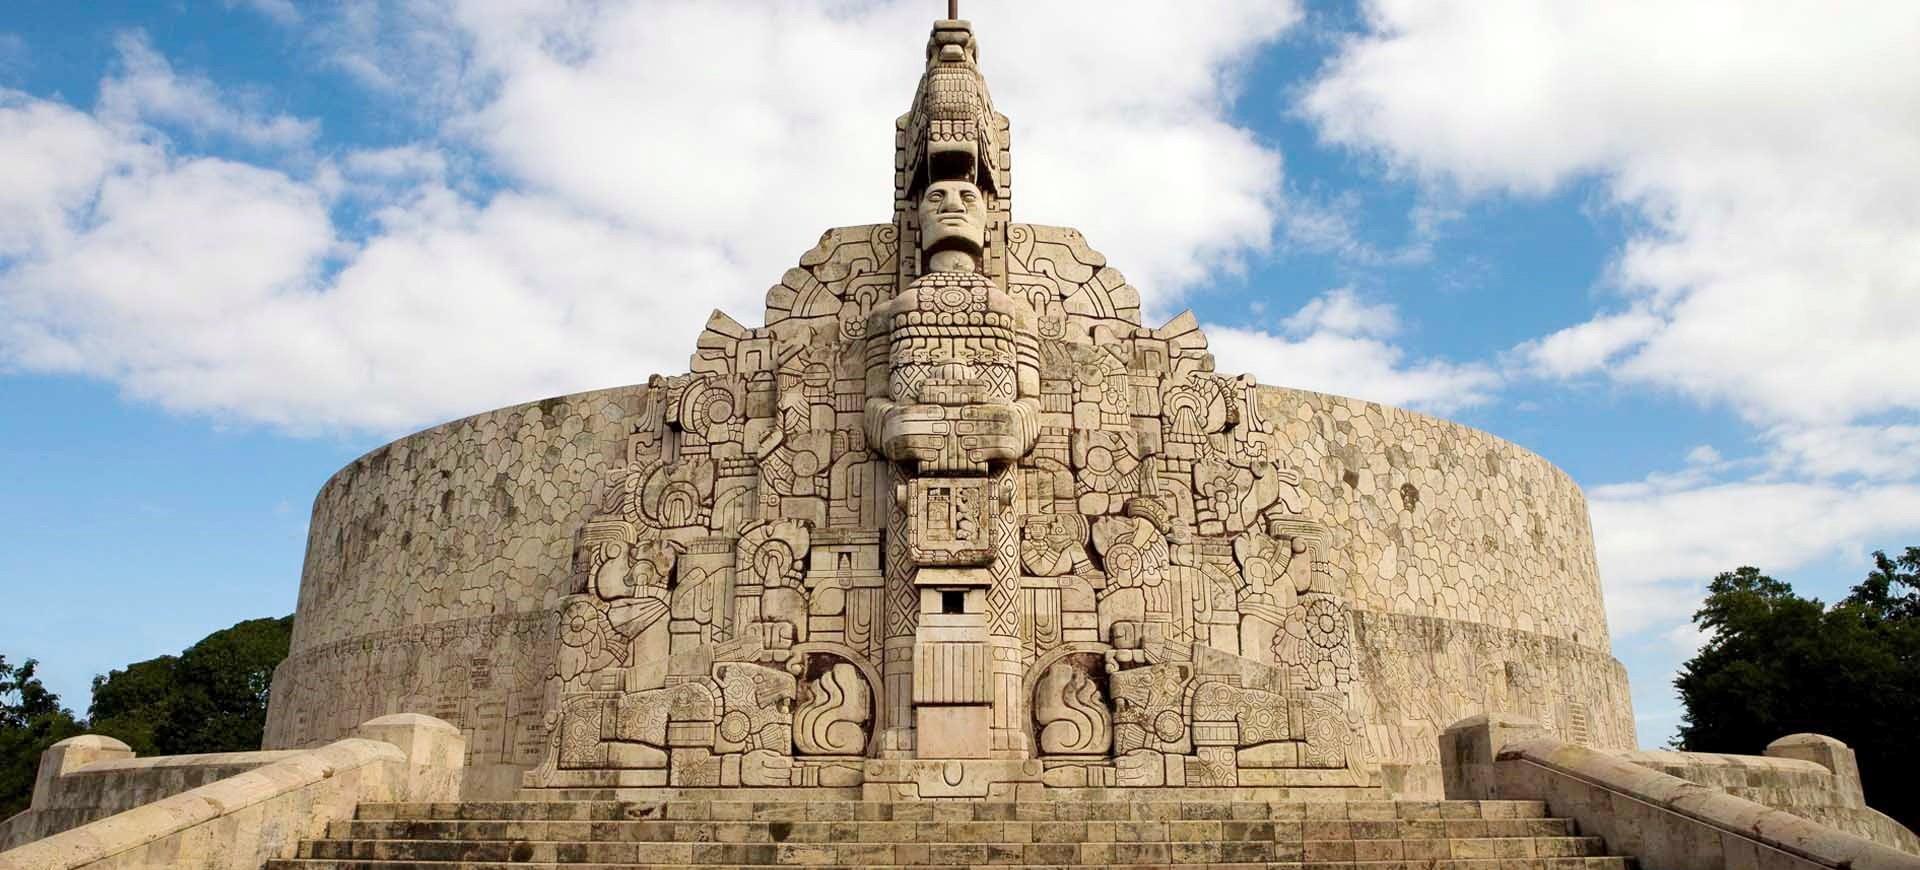 Monument à Merida